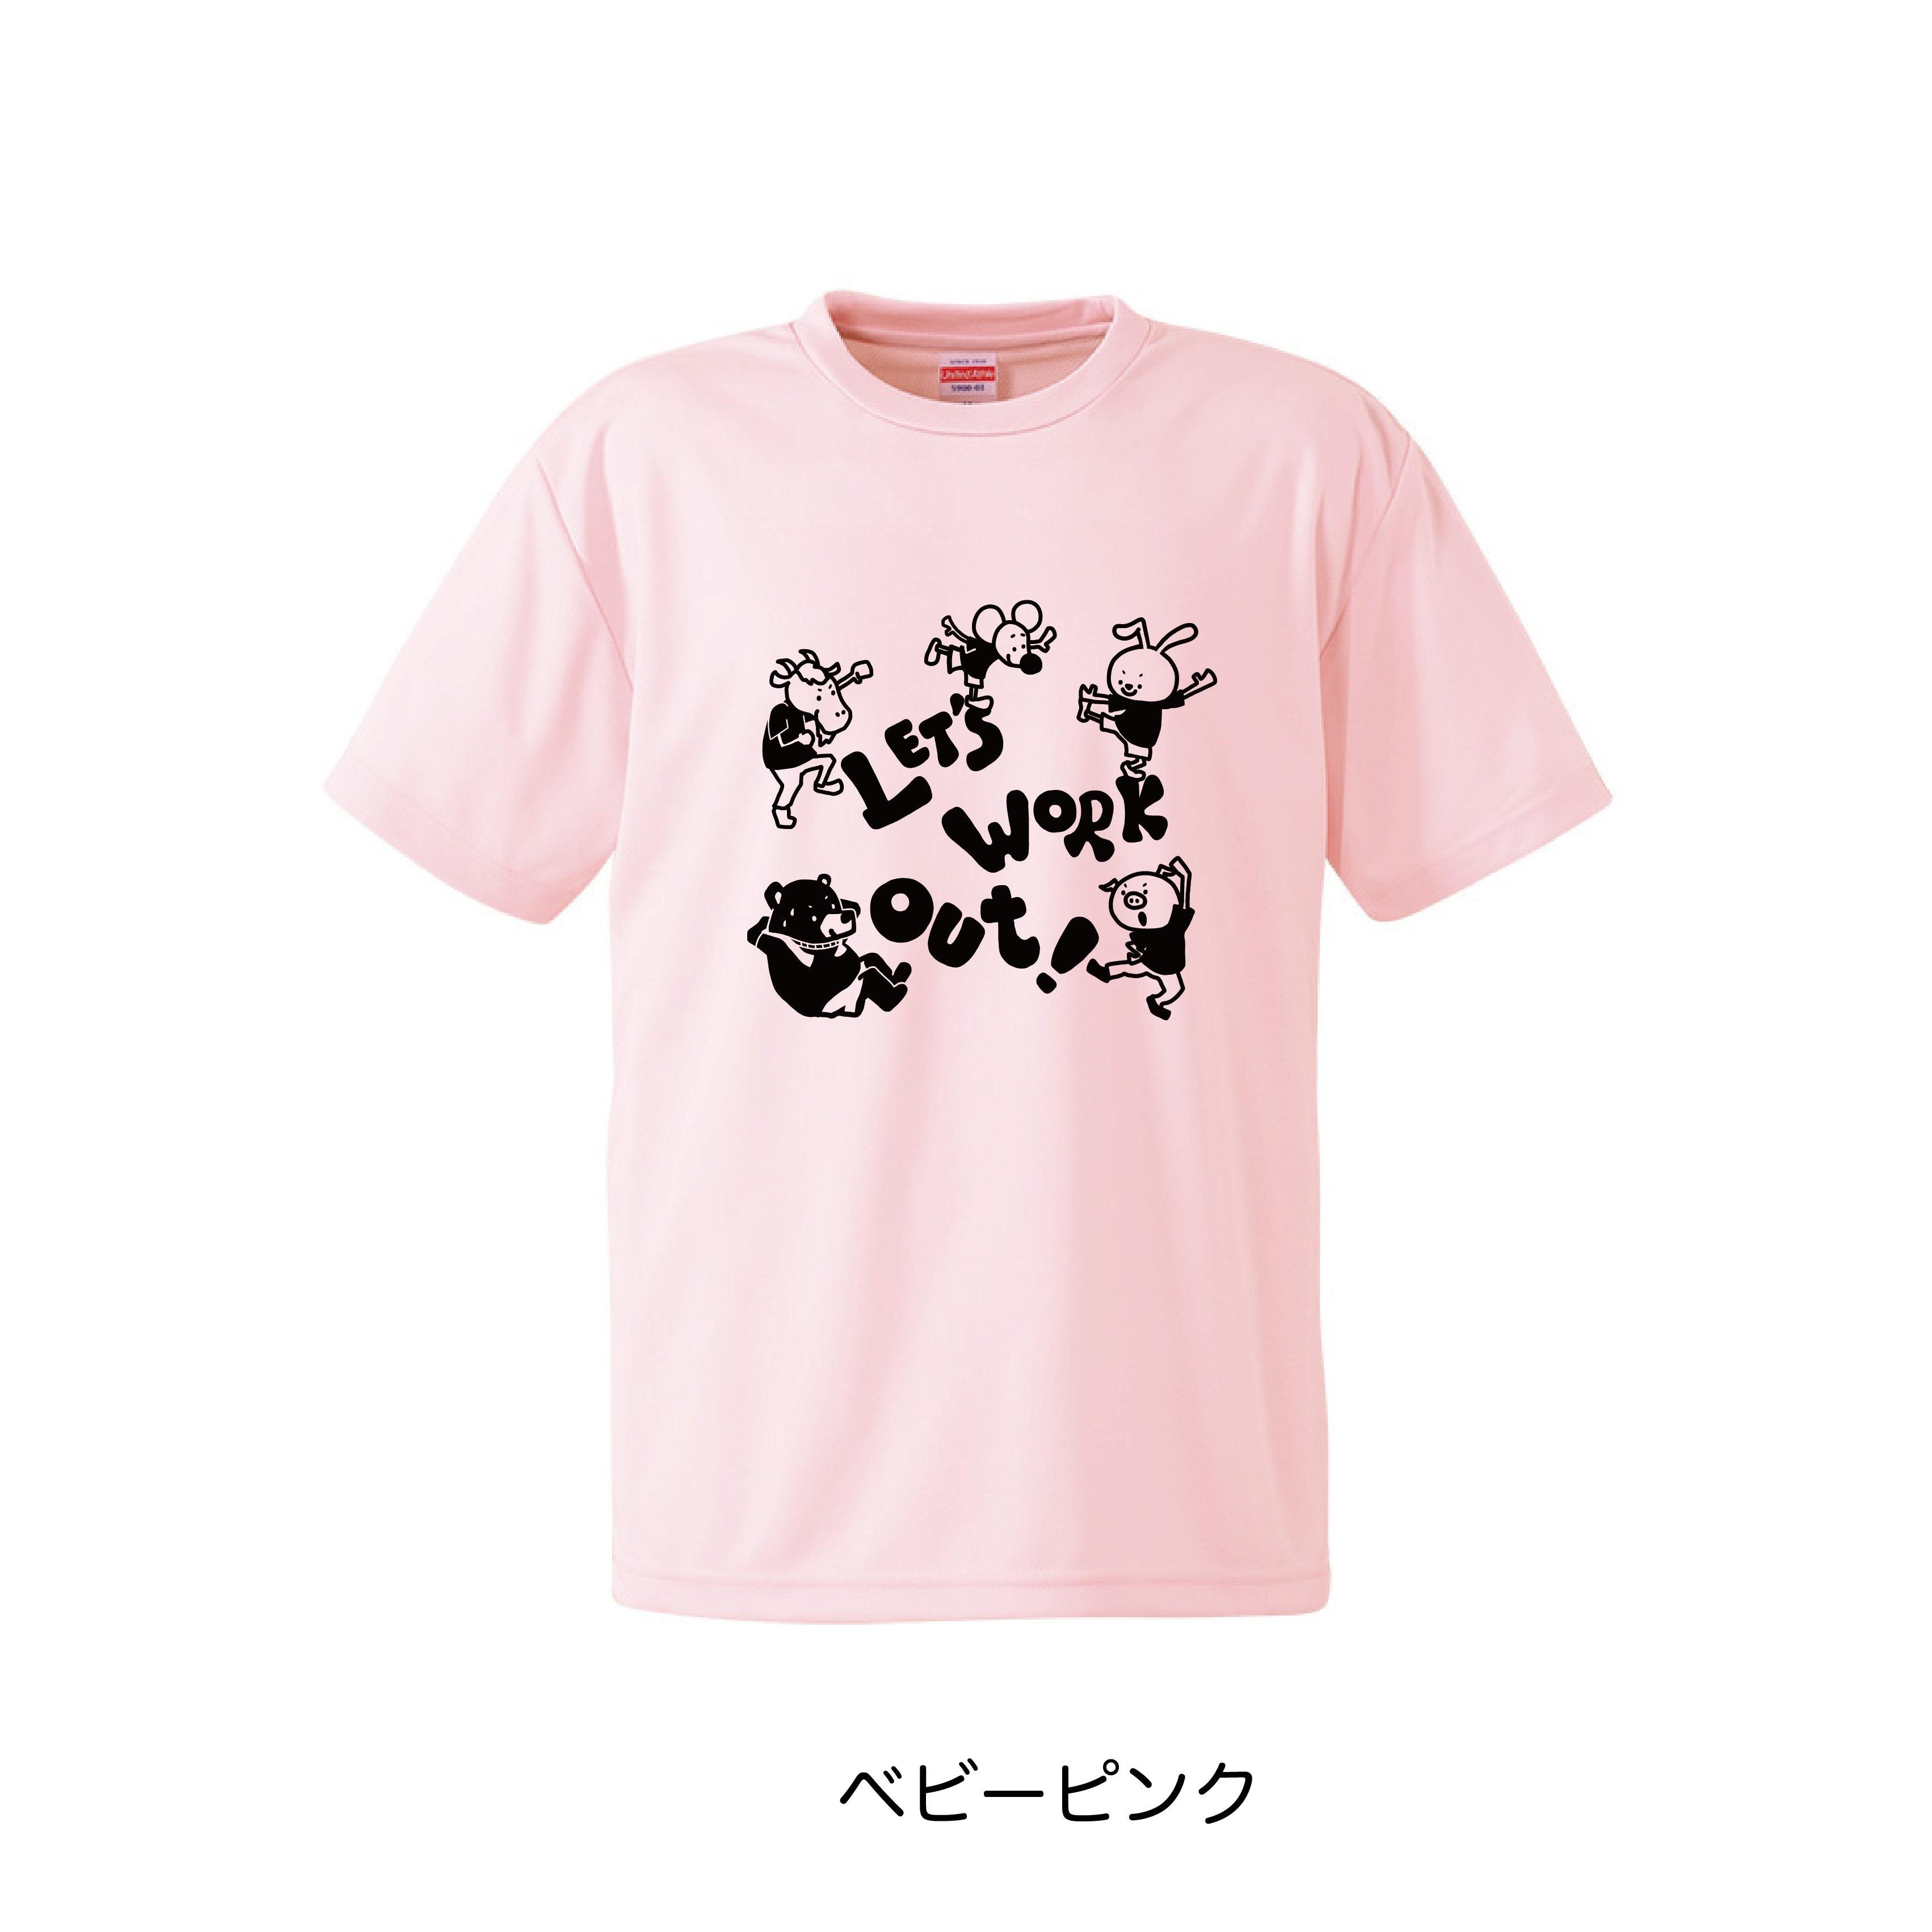 【店頭受け取り用】ソレイユオリジナルTシャツのイメージその1